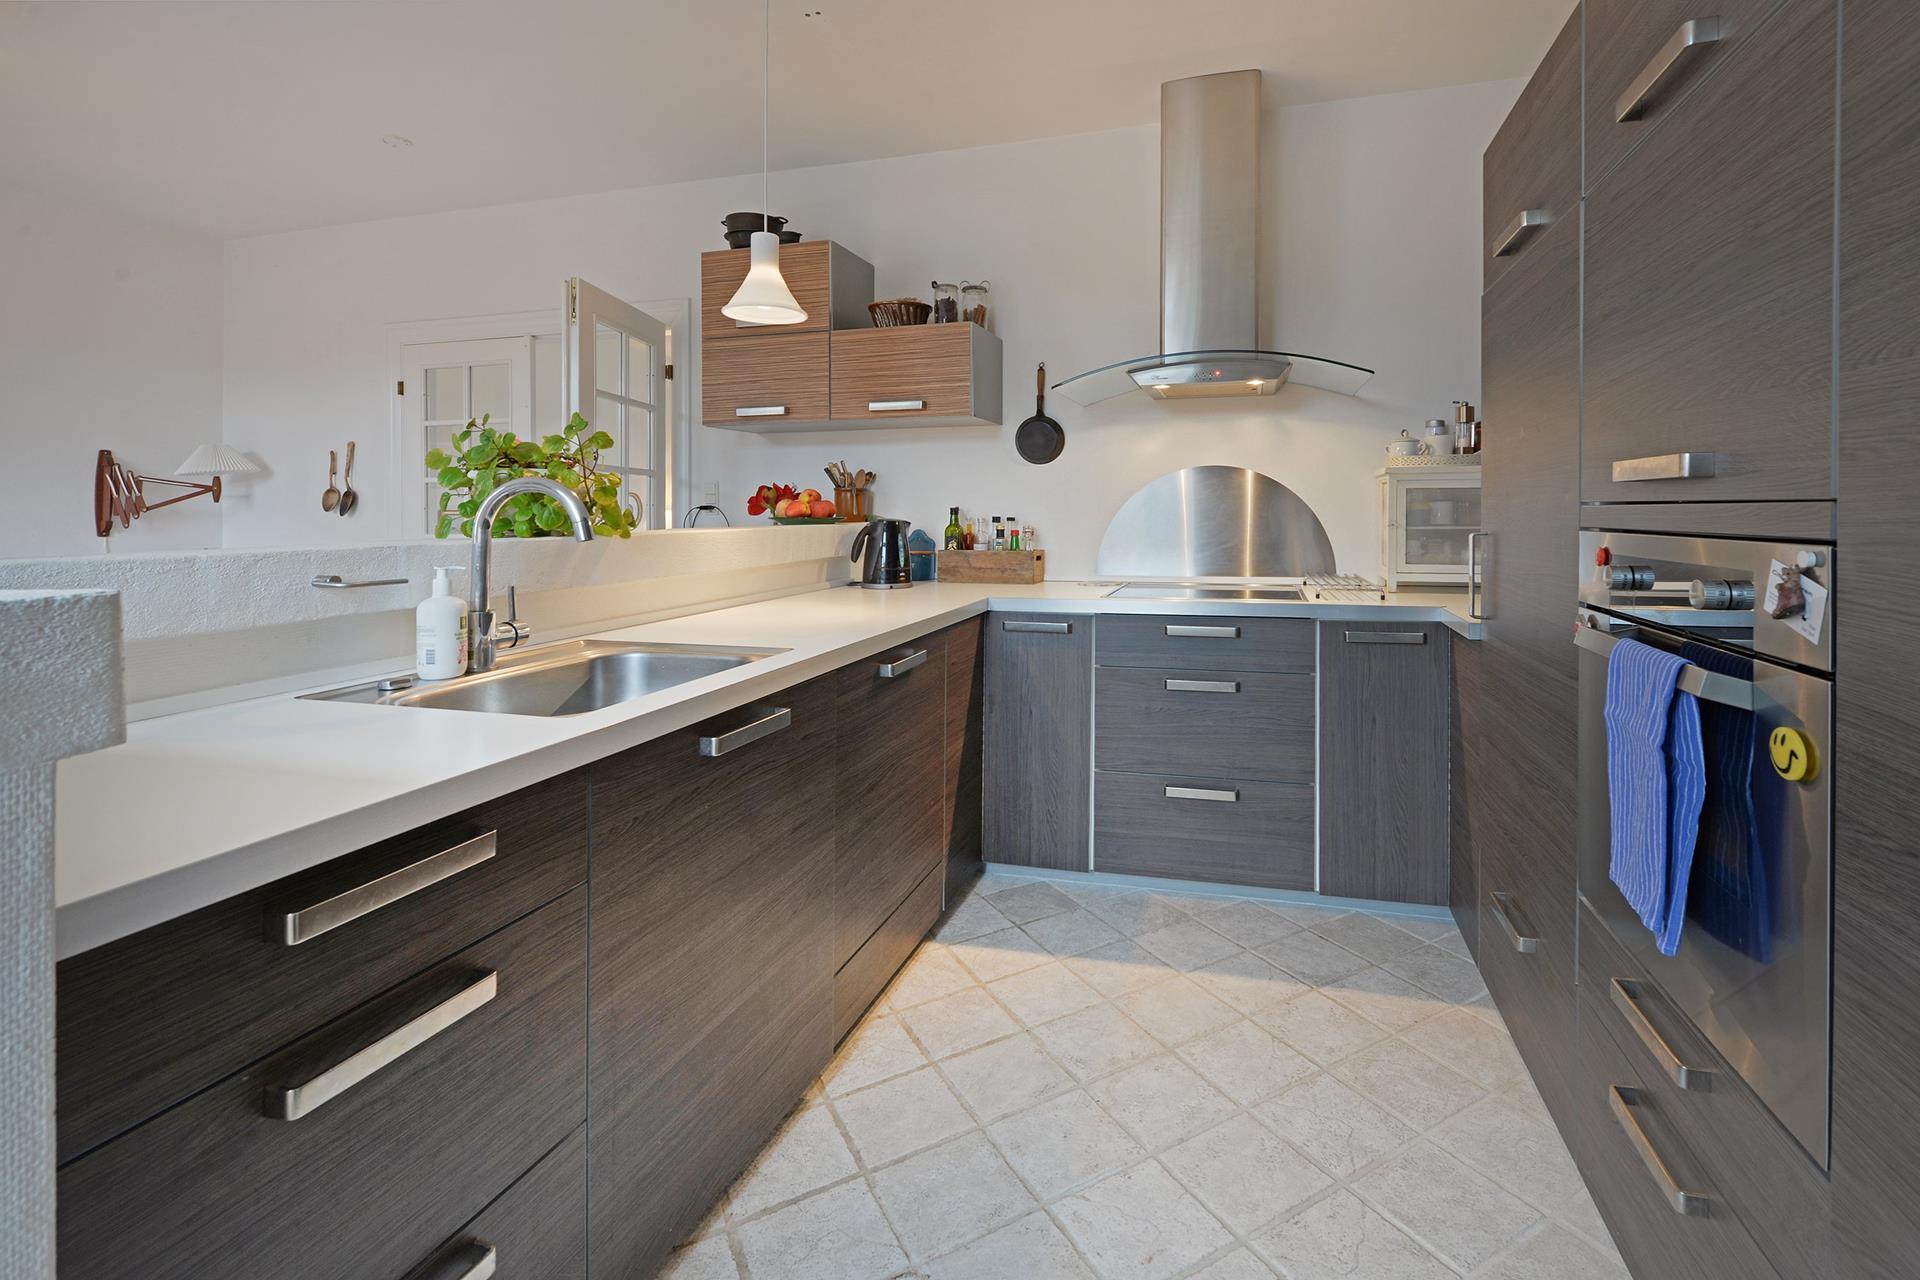 Rækkehus på Odensevej i Middelfart - Køkken